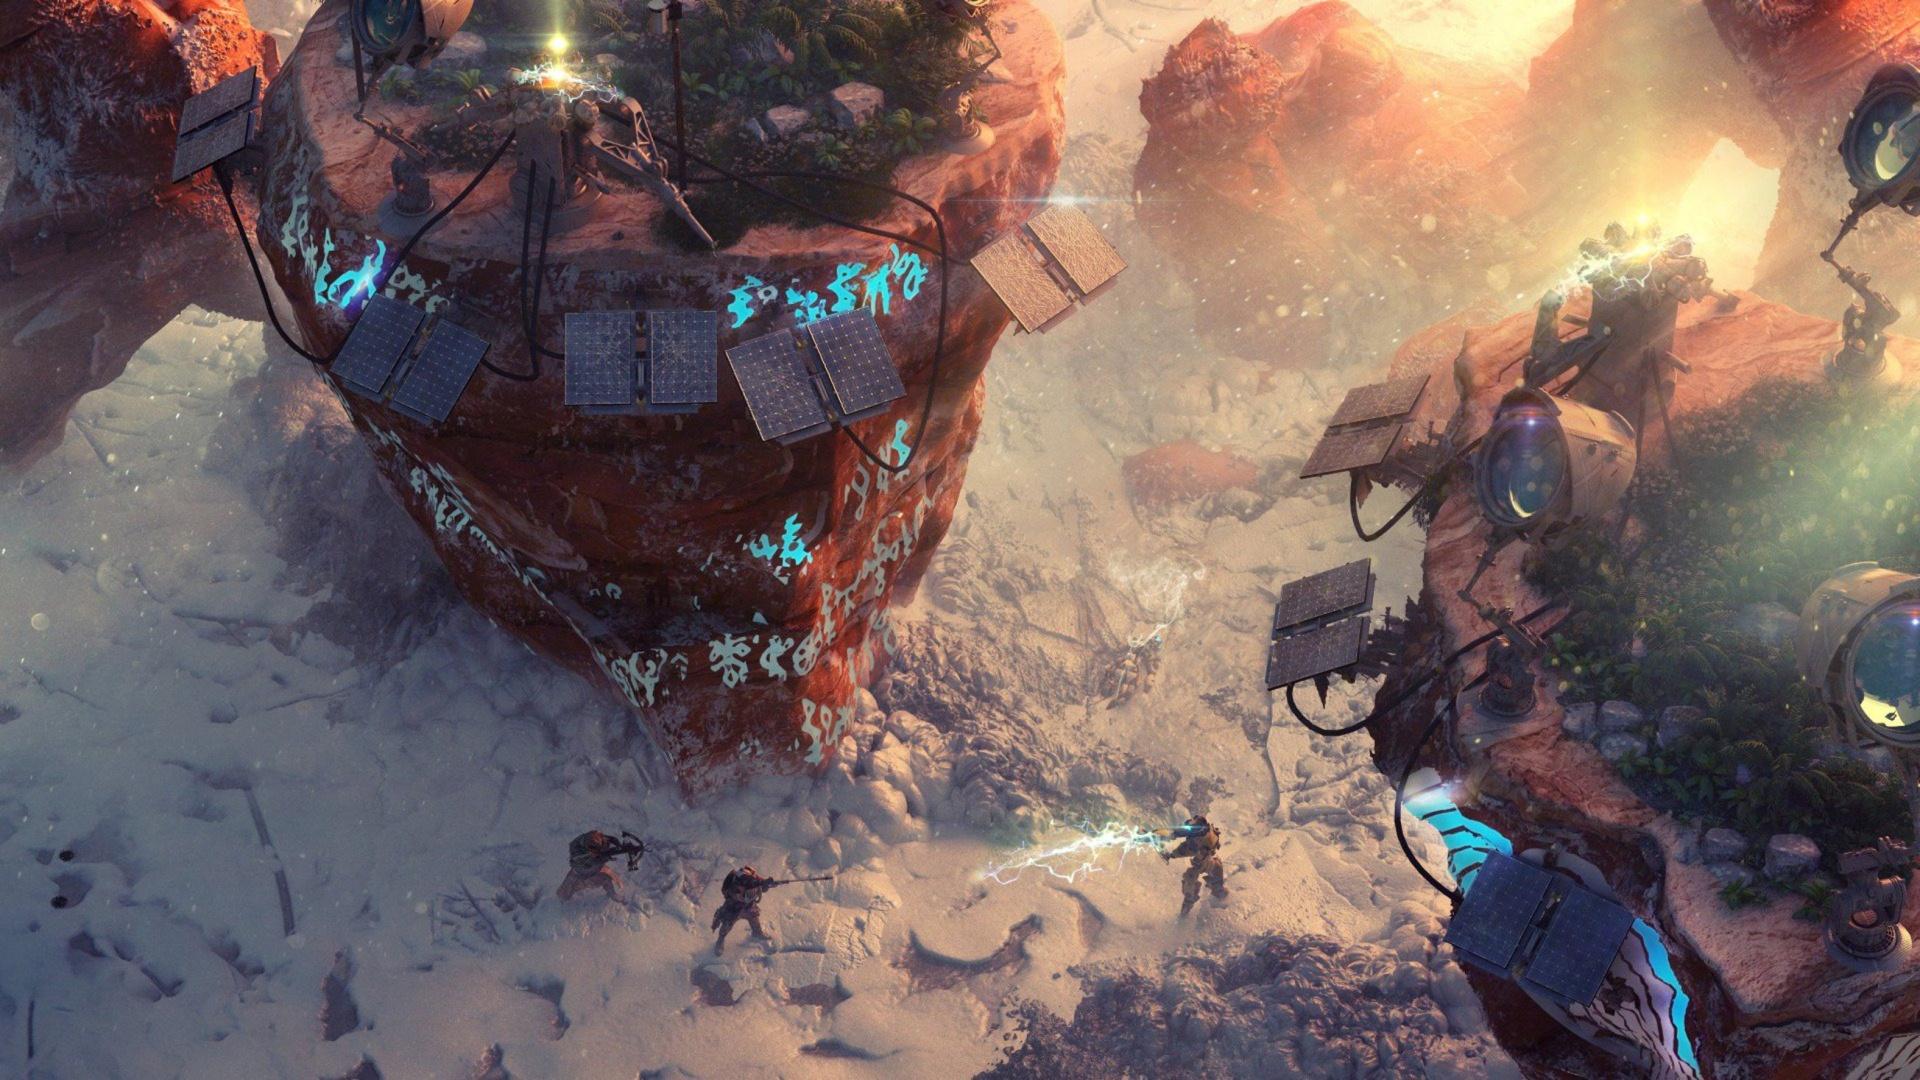 Разработчики Wasteland3 рассказали, как работает мультиплеер в игре